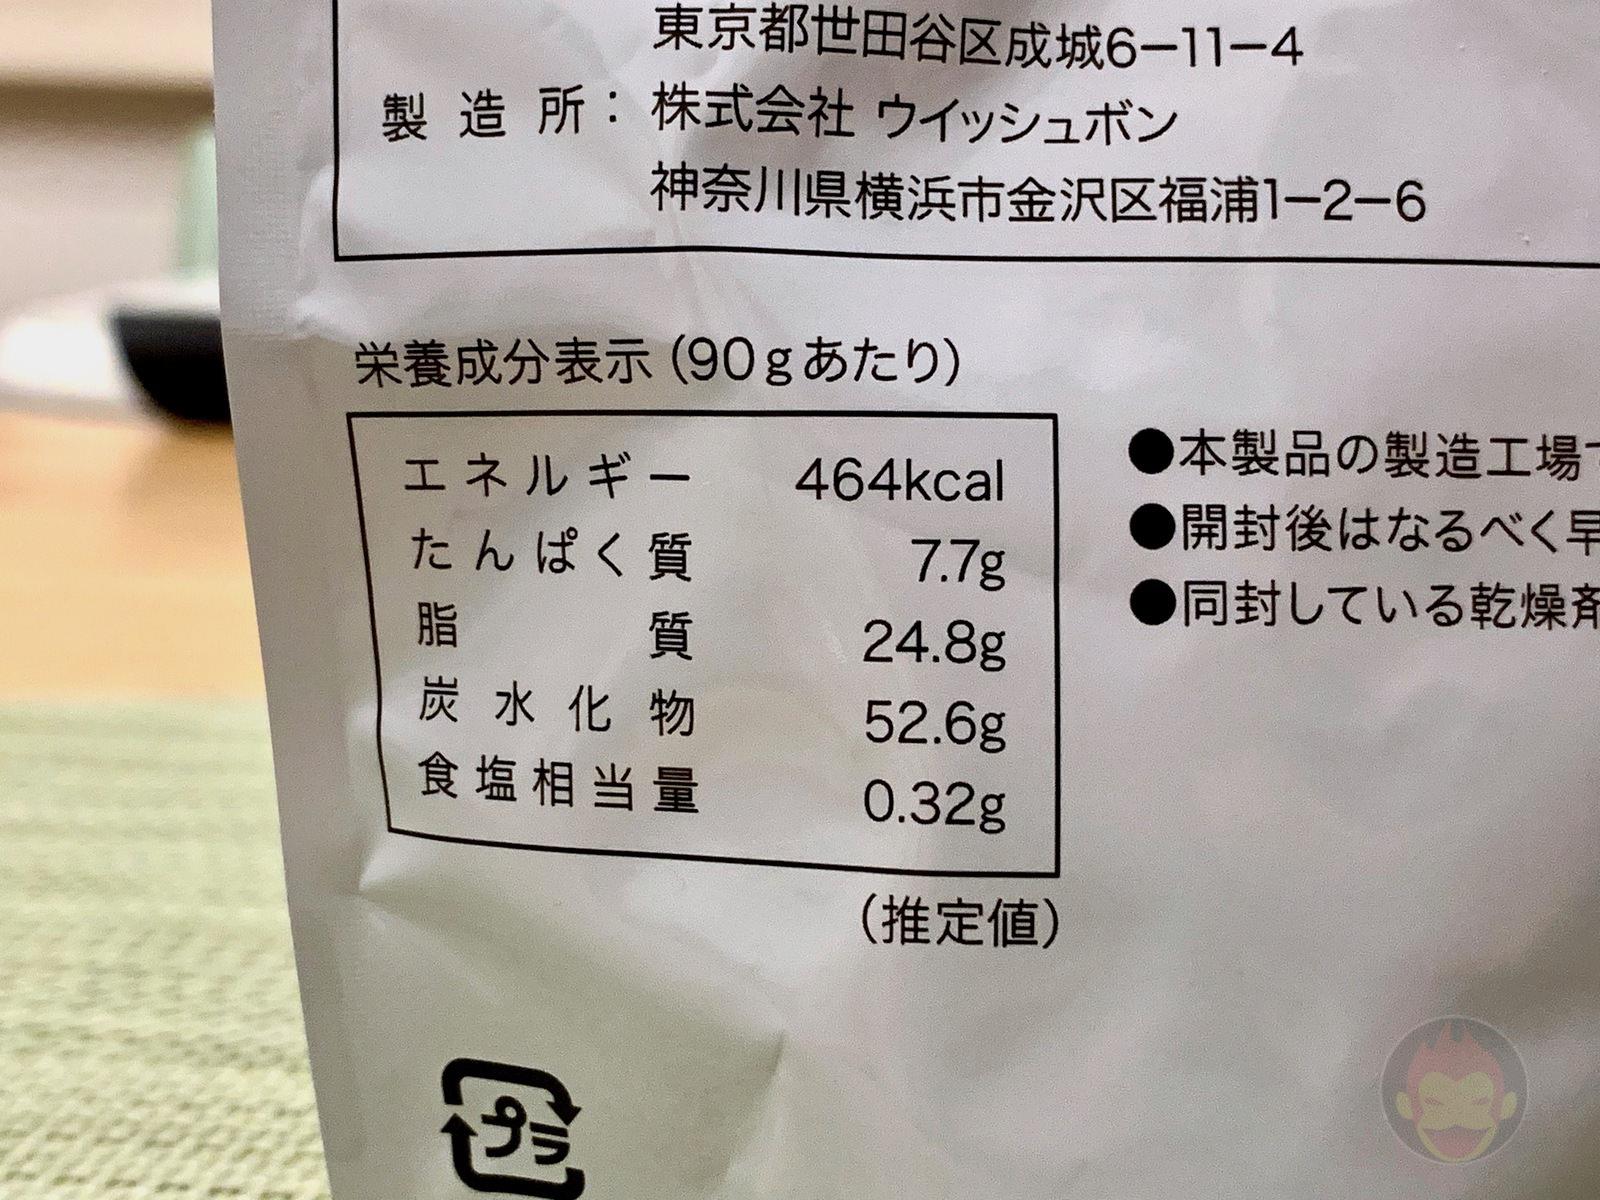 Seijo-Ishii-Cookies-09.jpg